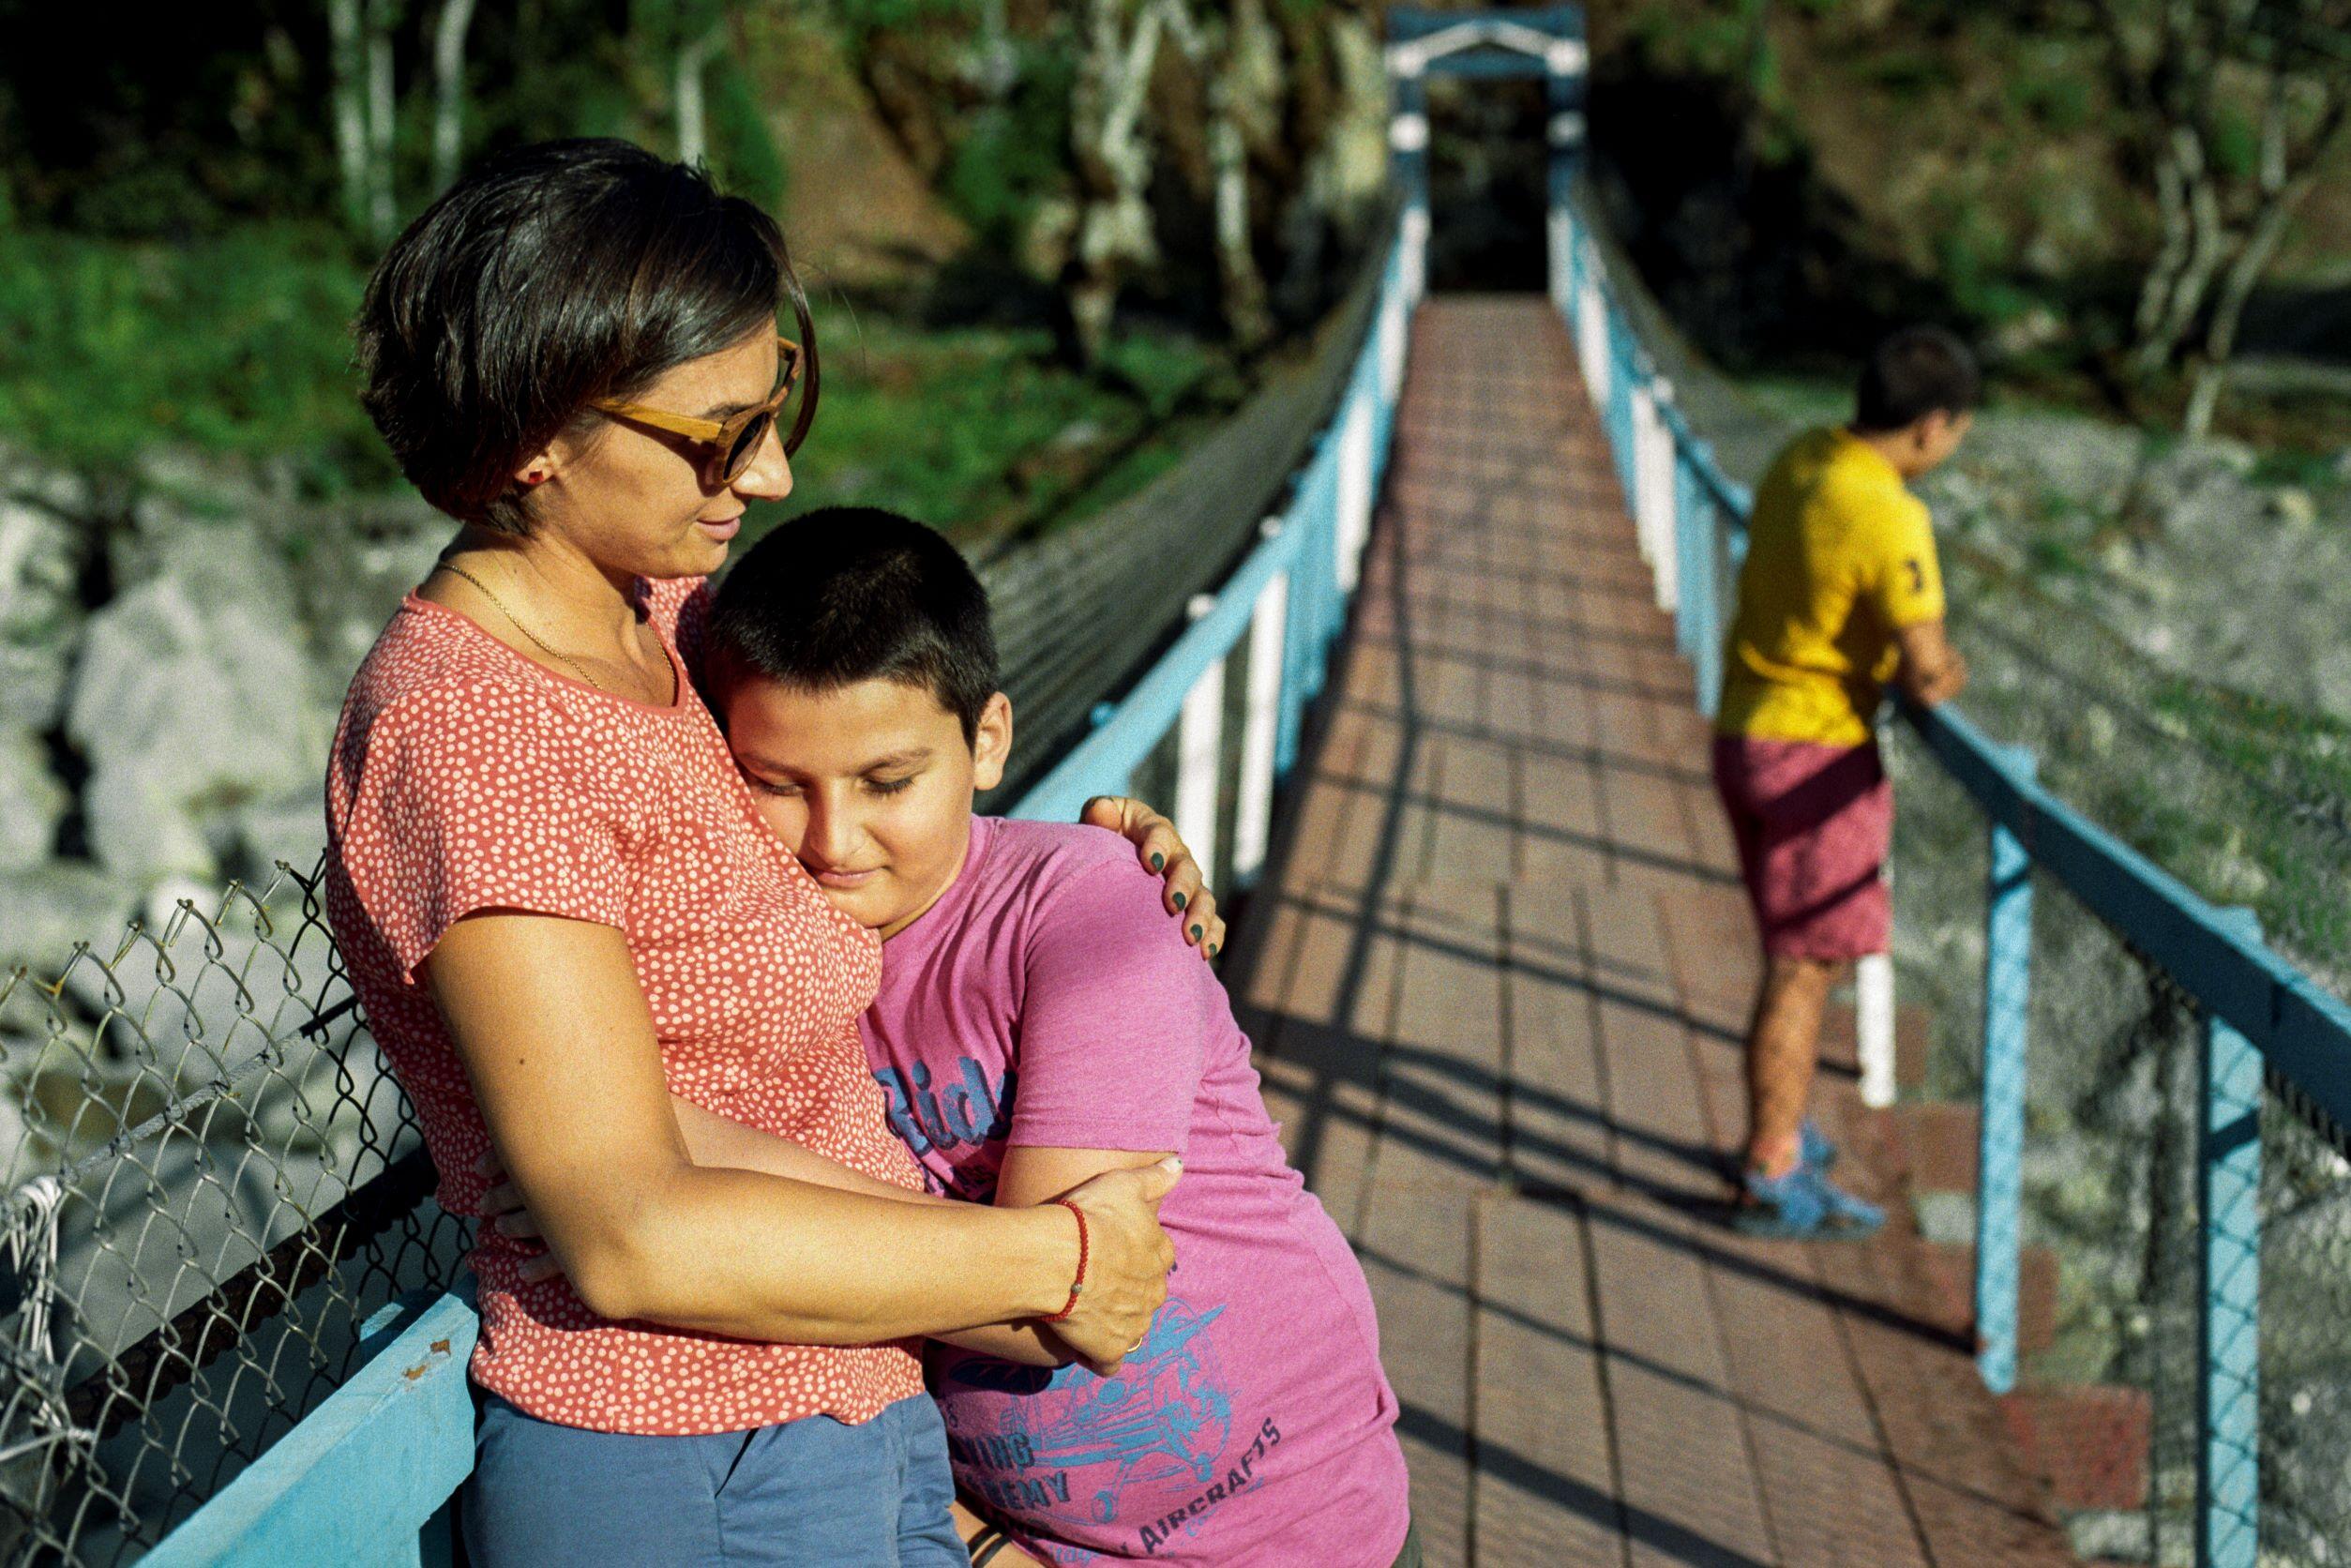 რეზის დედამ, ეთო ჯაფარიძემ თავის შვილს, პანდემიის დროს, ცვლილებები შეატყო. ამიტომ გადაწყვიტა, რეზისთ ...